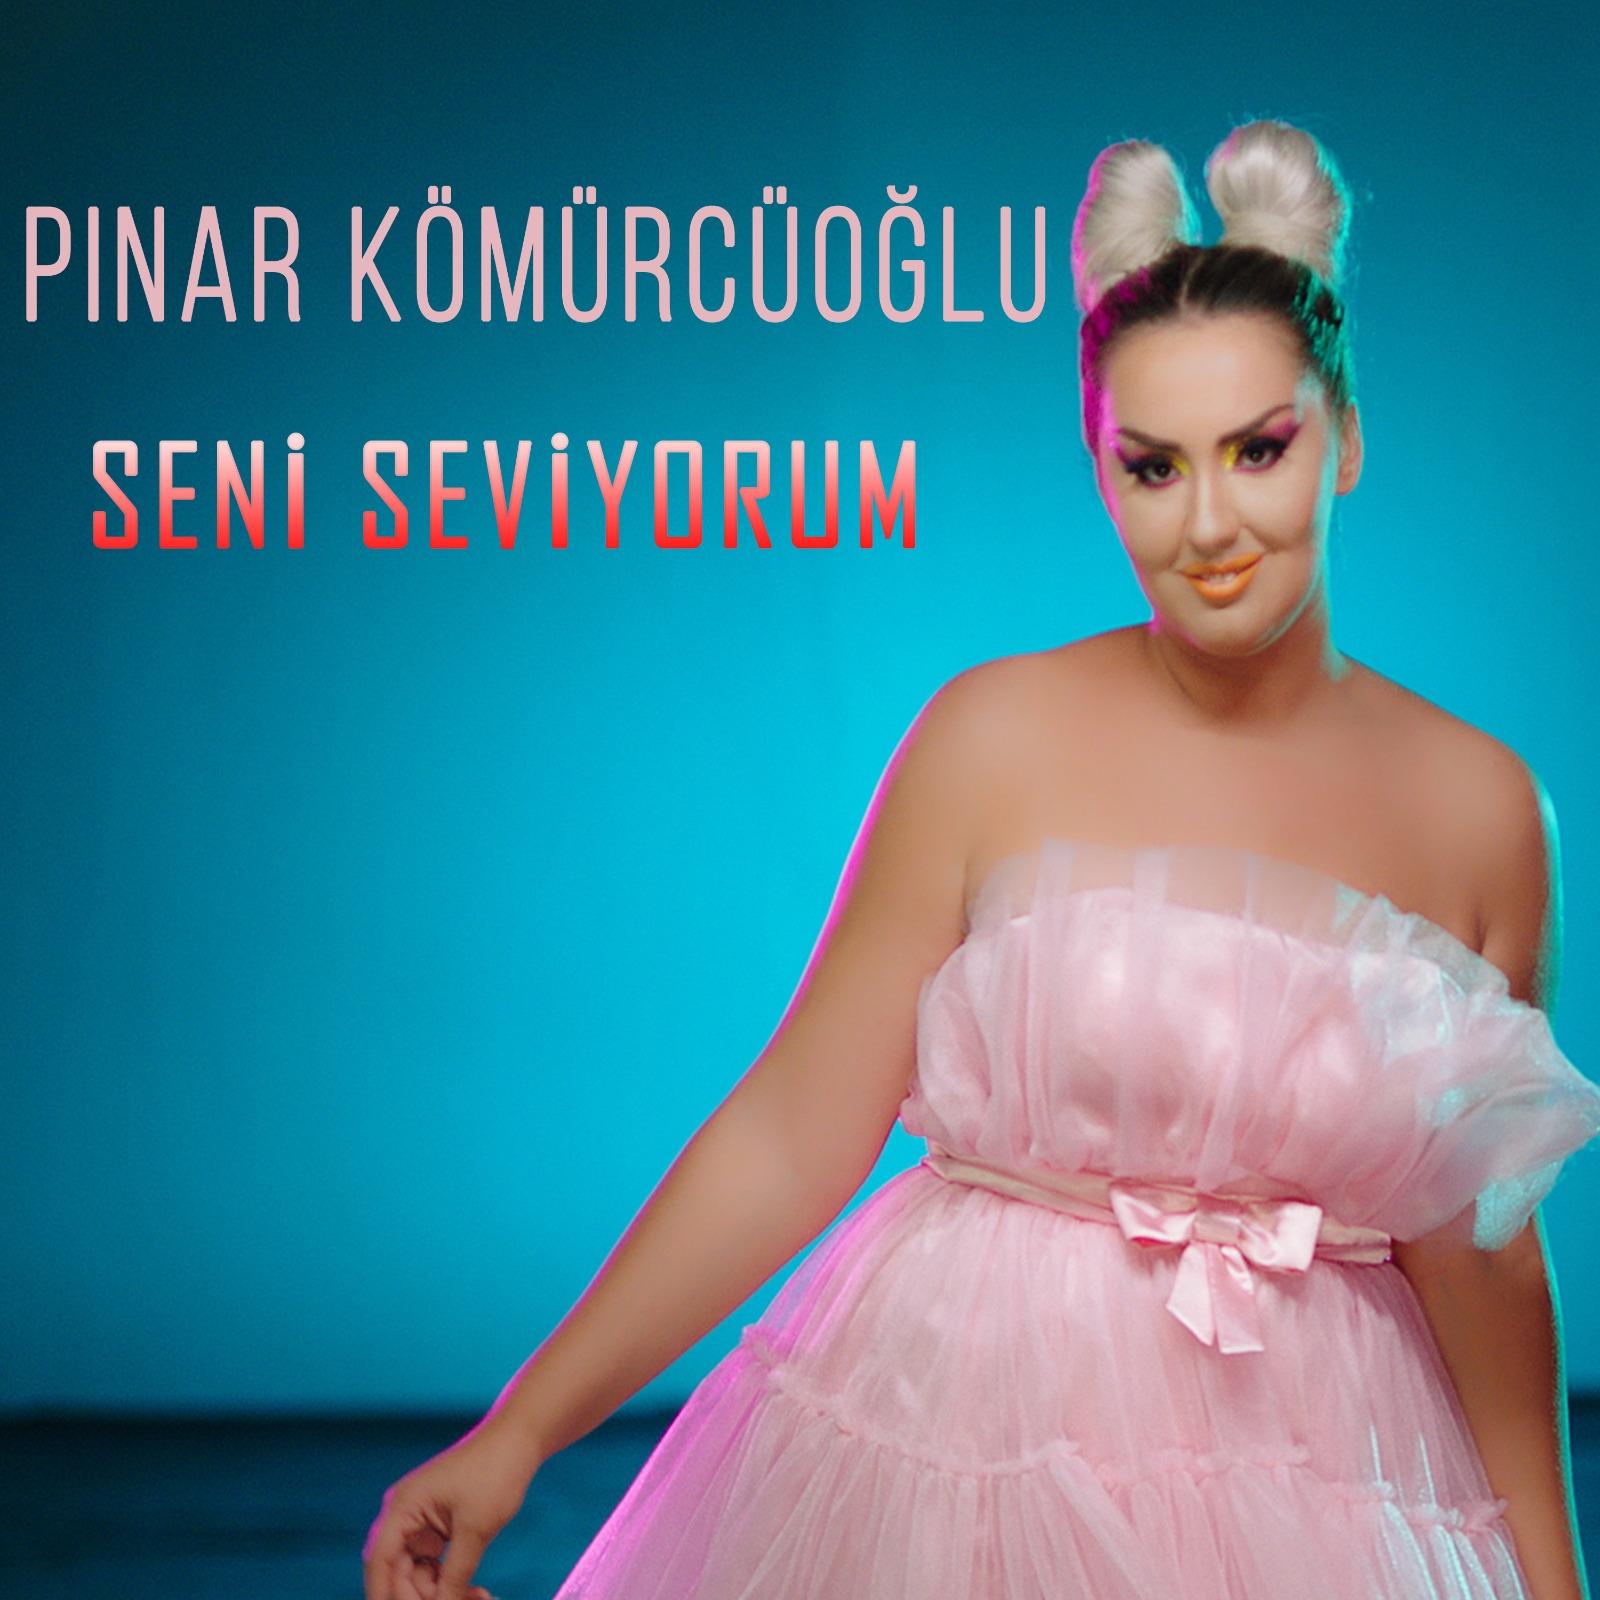 PınarKömürcüoğlu - Seni Seviyorum